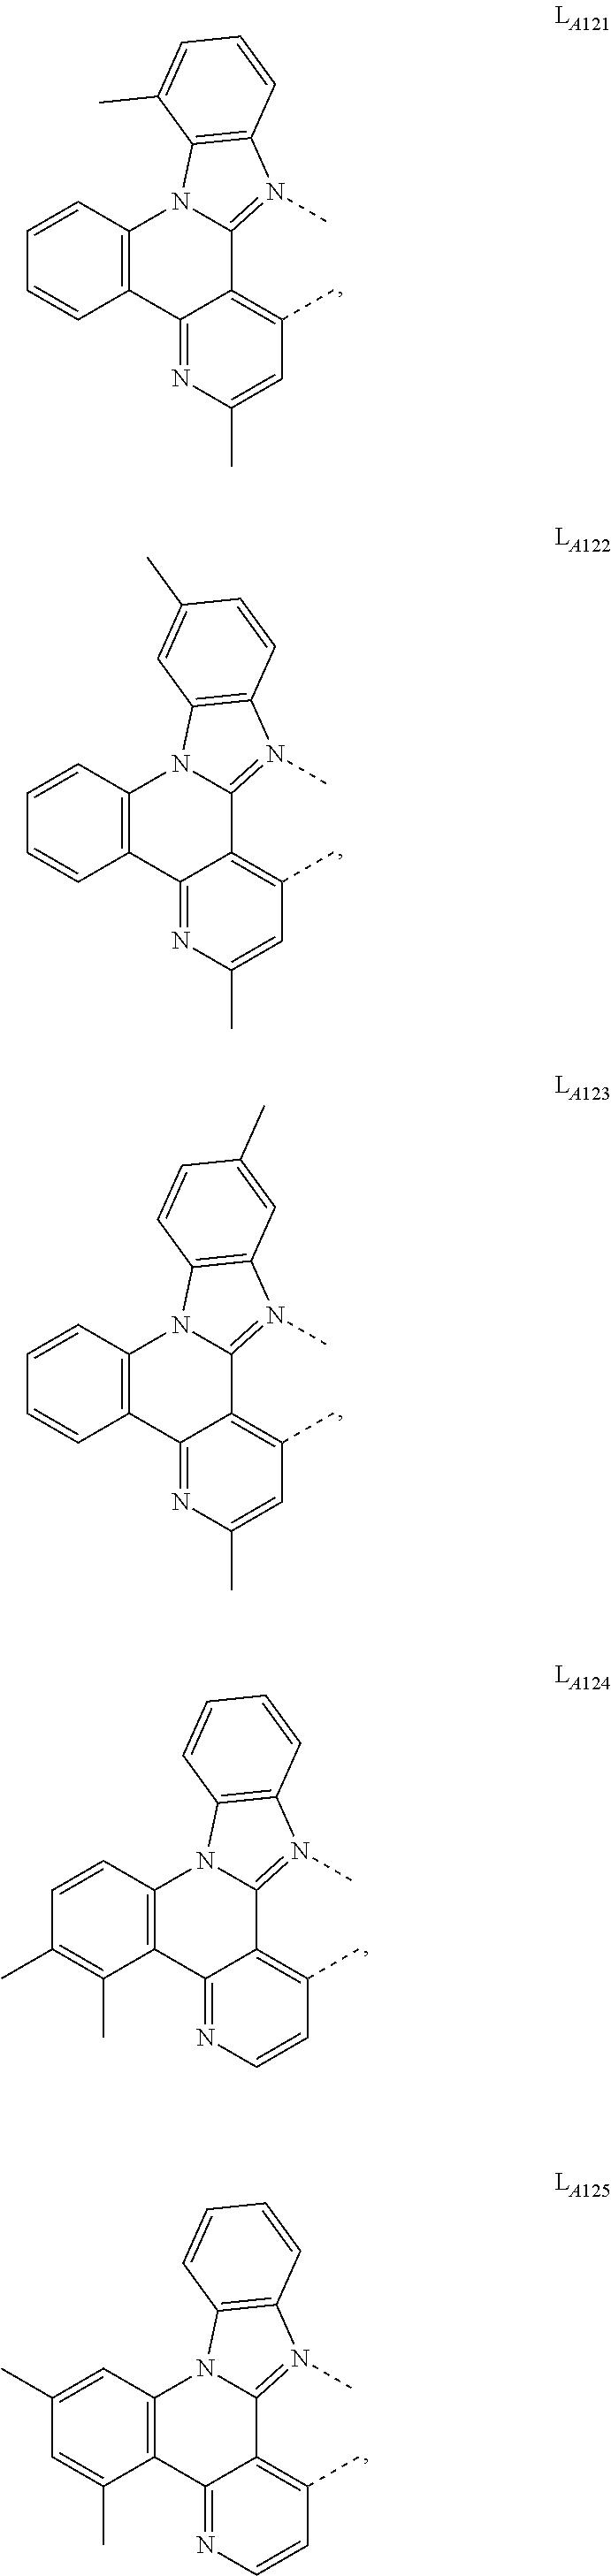 Figure US09905785-20180227-C00053